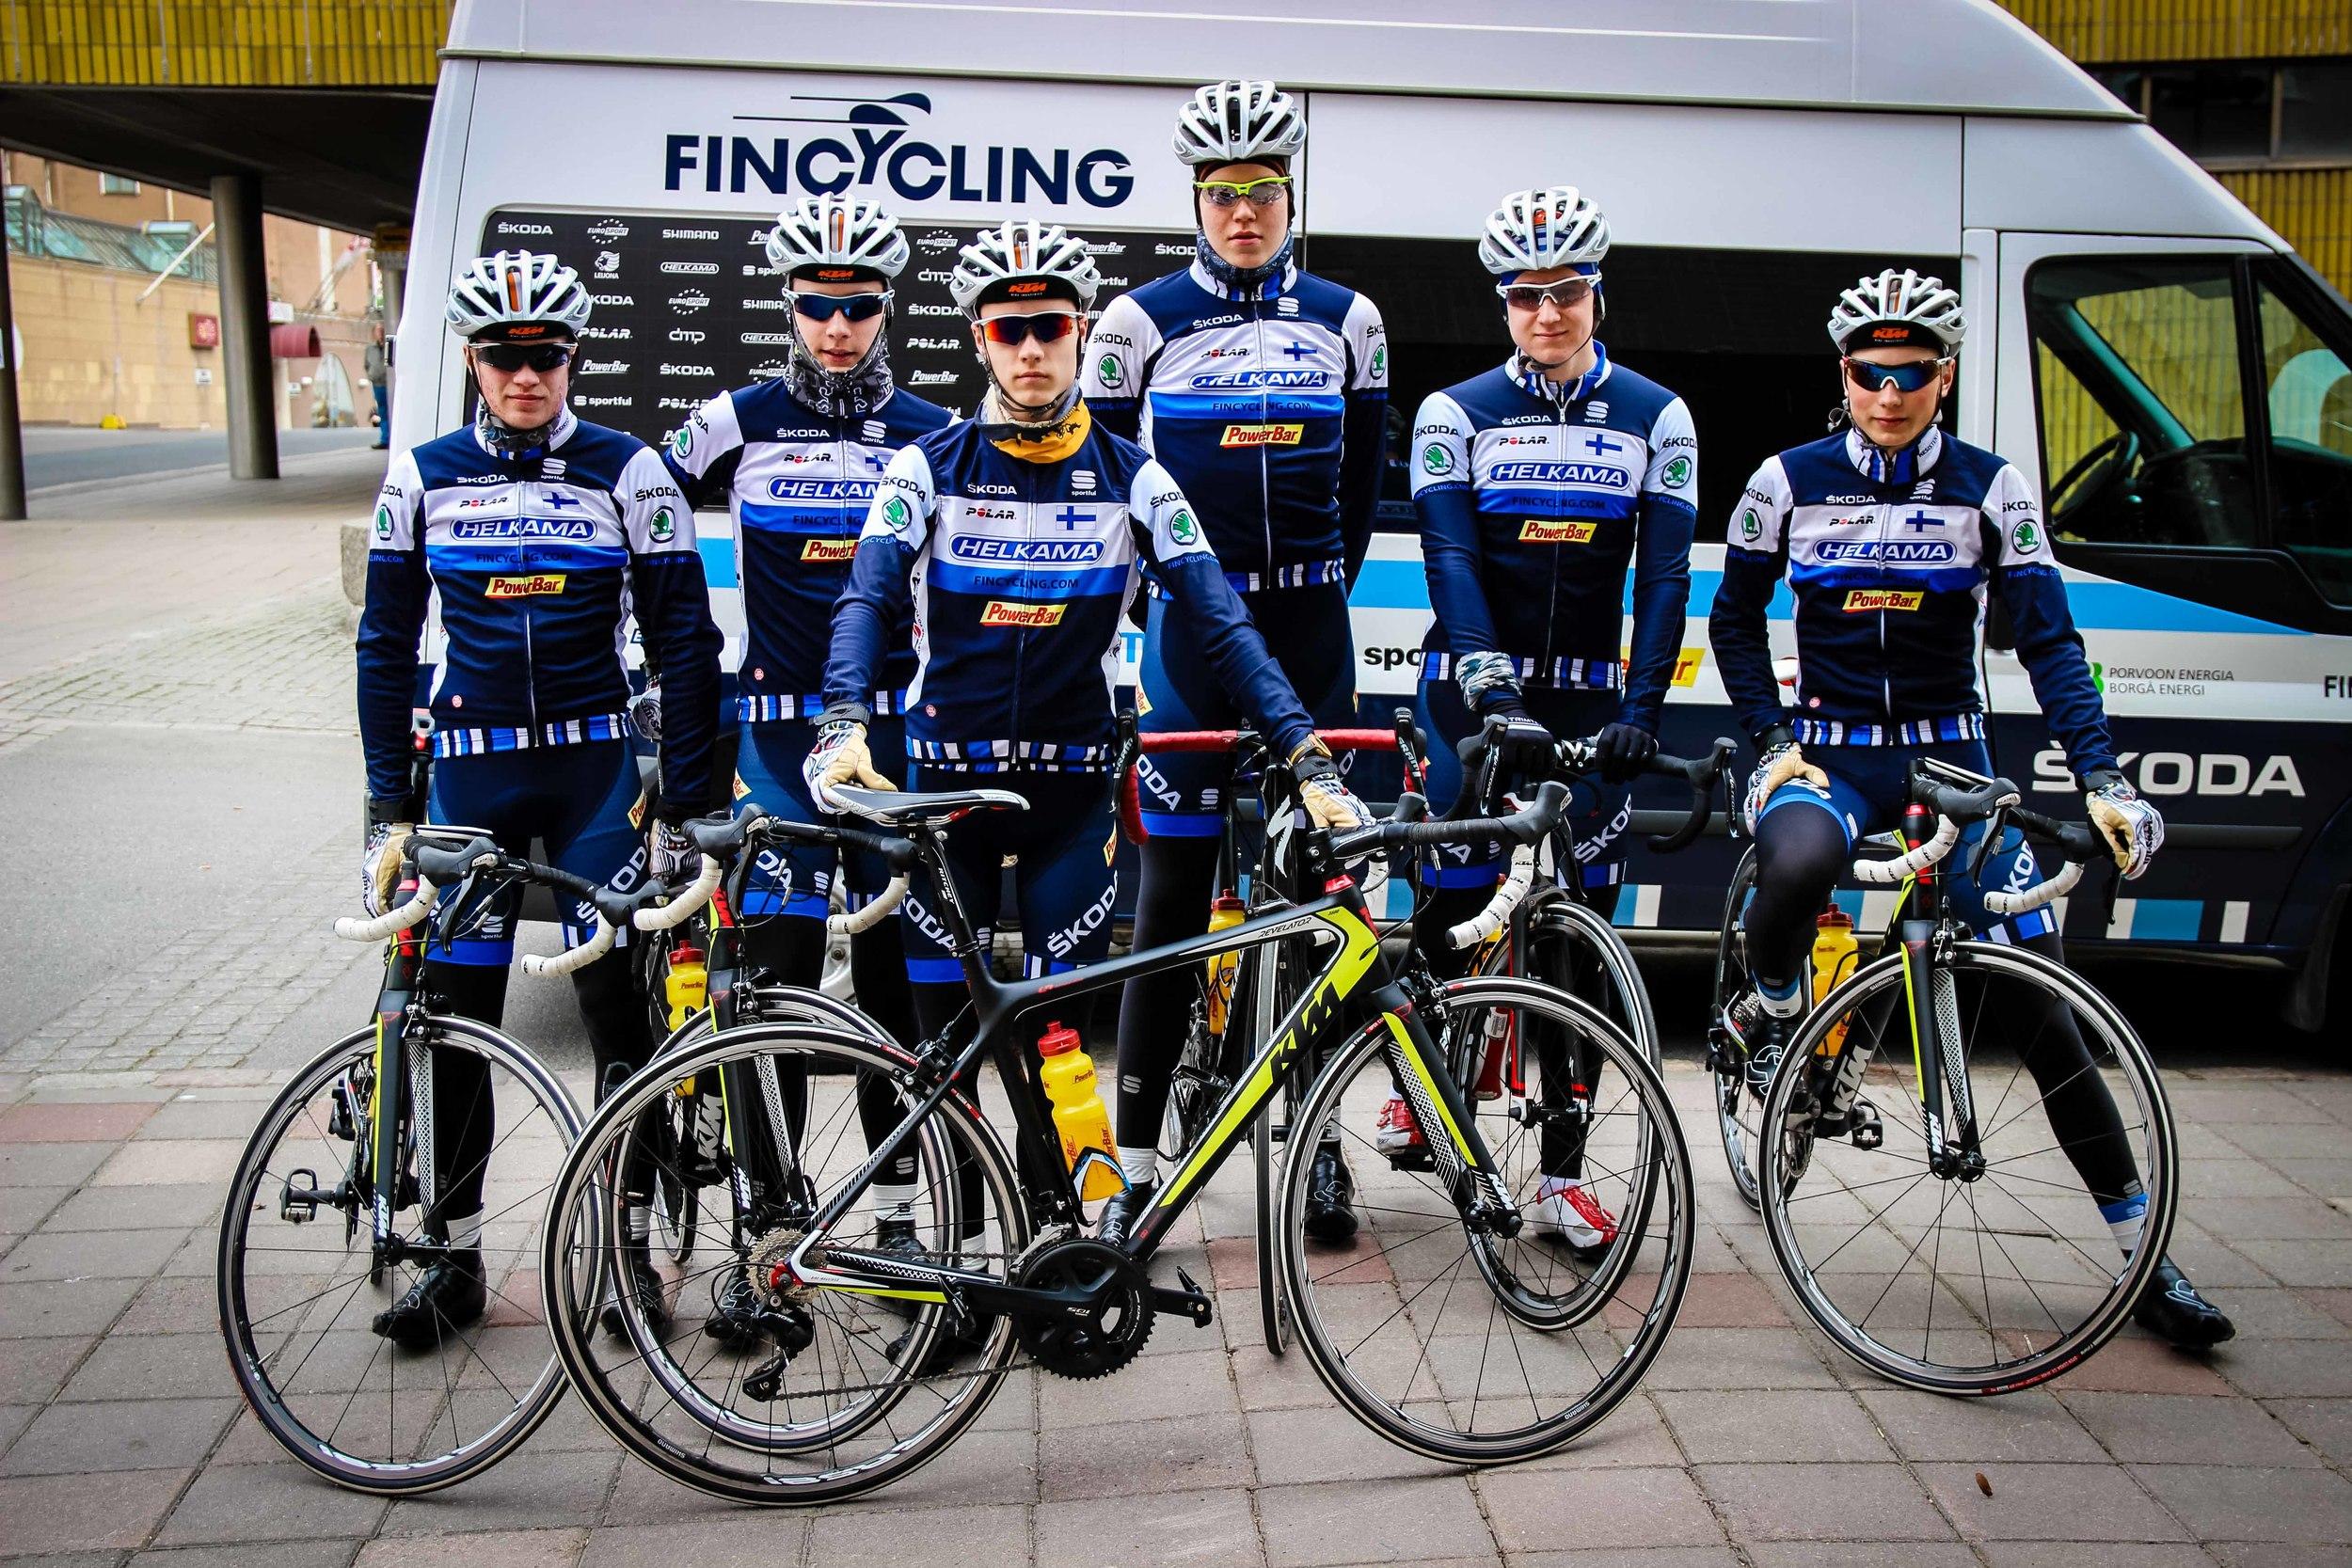 Team from left, Terävä, Keloneva, Bergman, Hirvenoja, Nordström and Hänninen